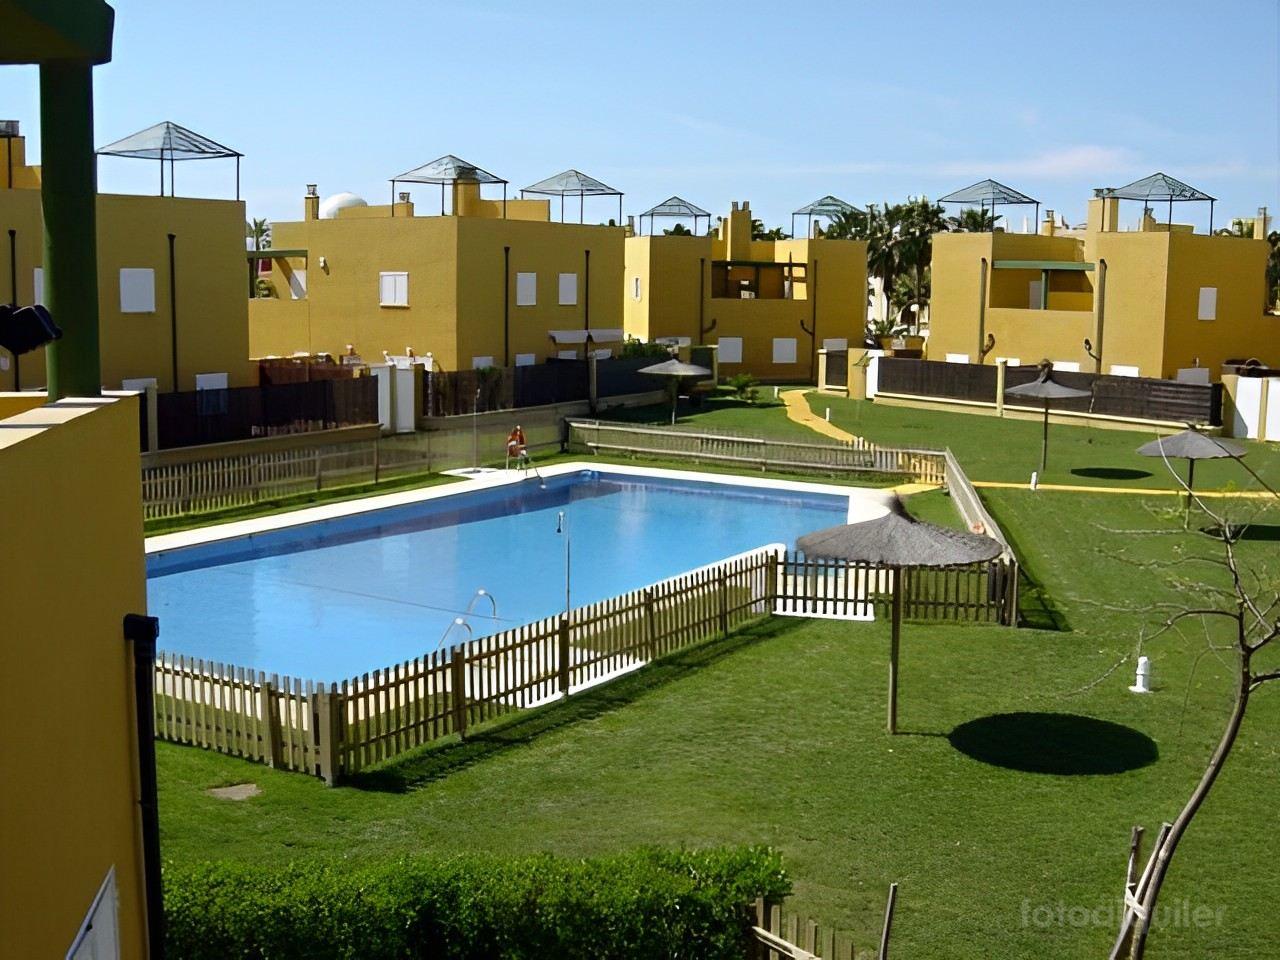 Alquiler de chalet con 4 dormitorios en el residencial Tartessos, Rota, Costa Ballena